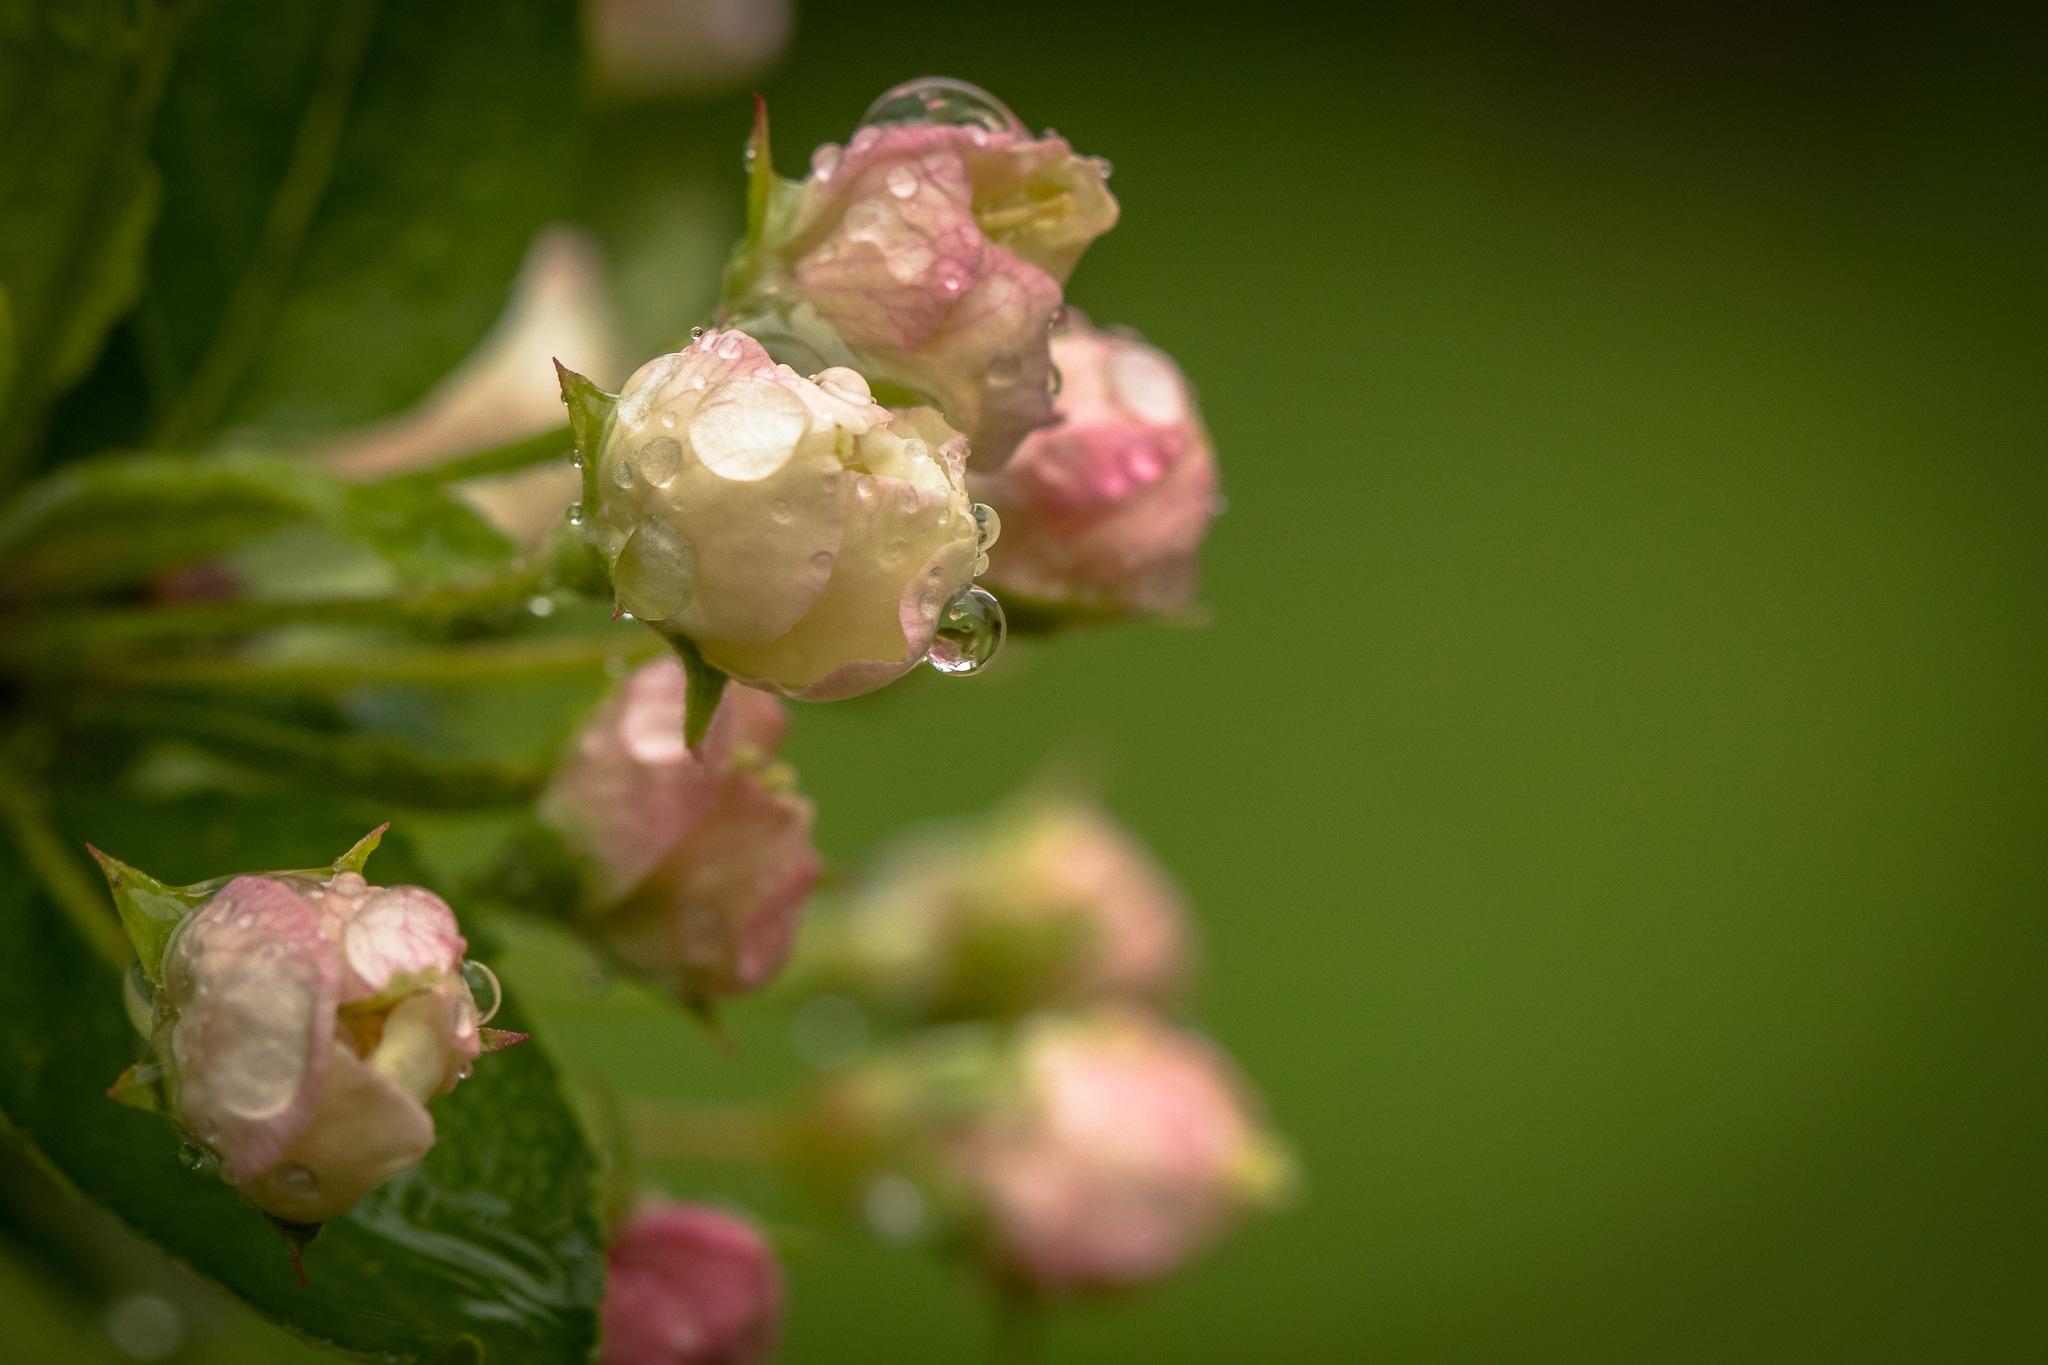 Rainy day by Anne_V